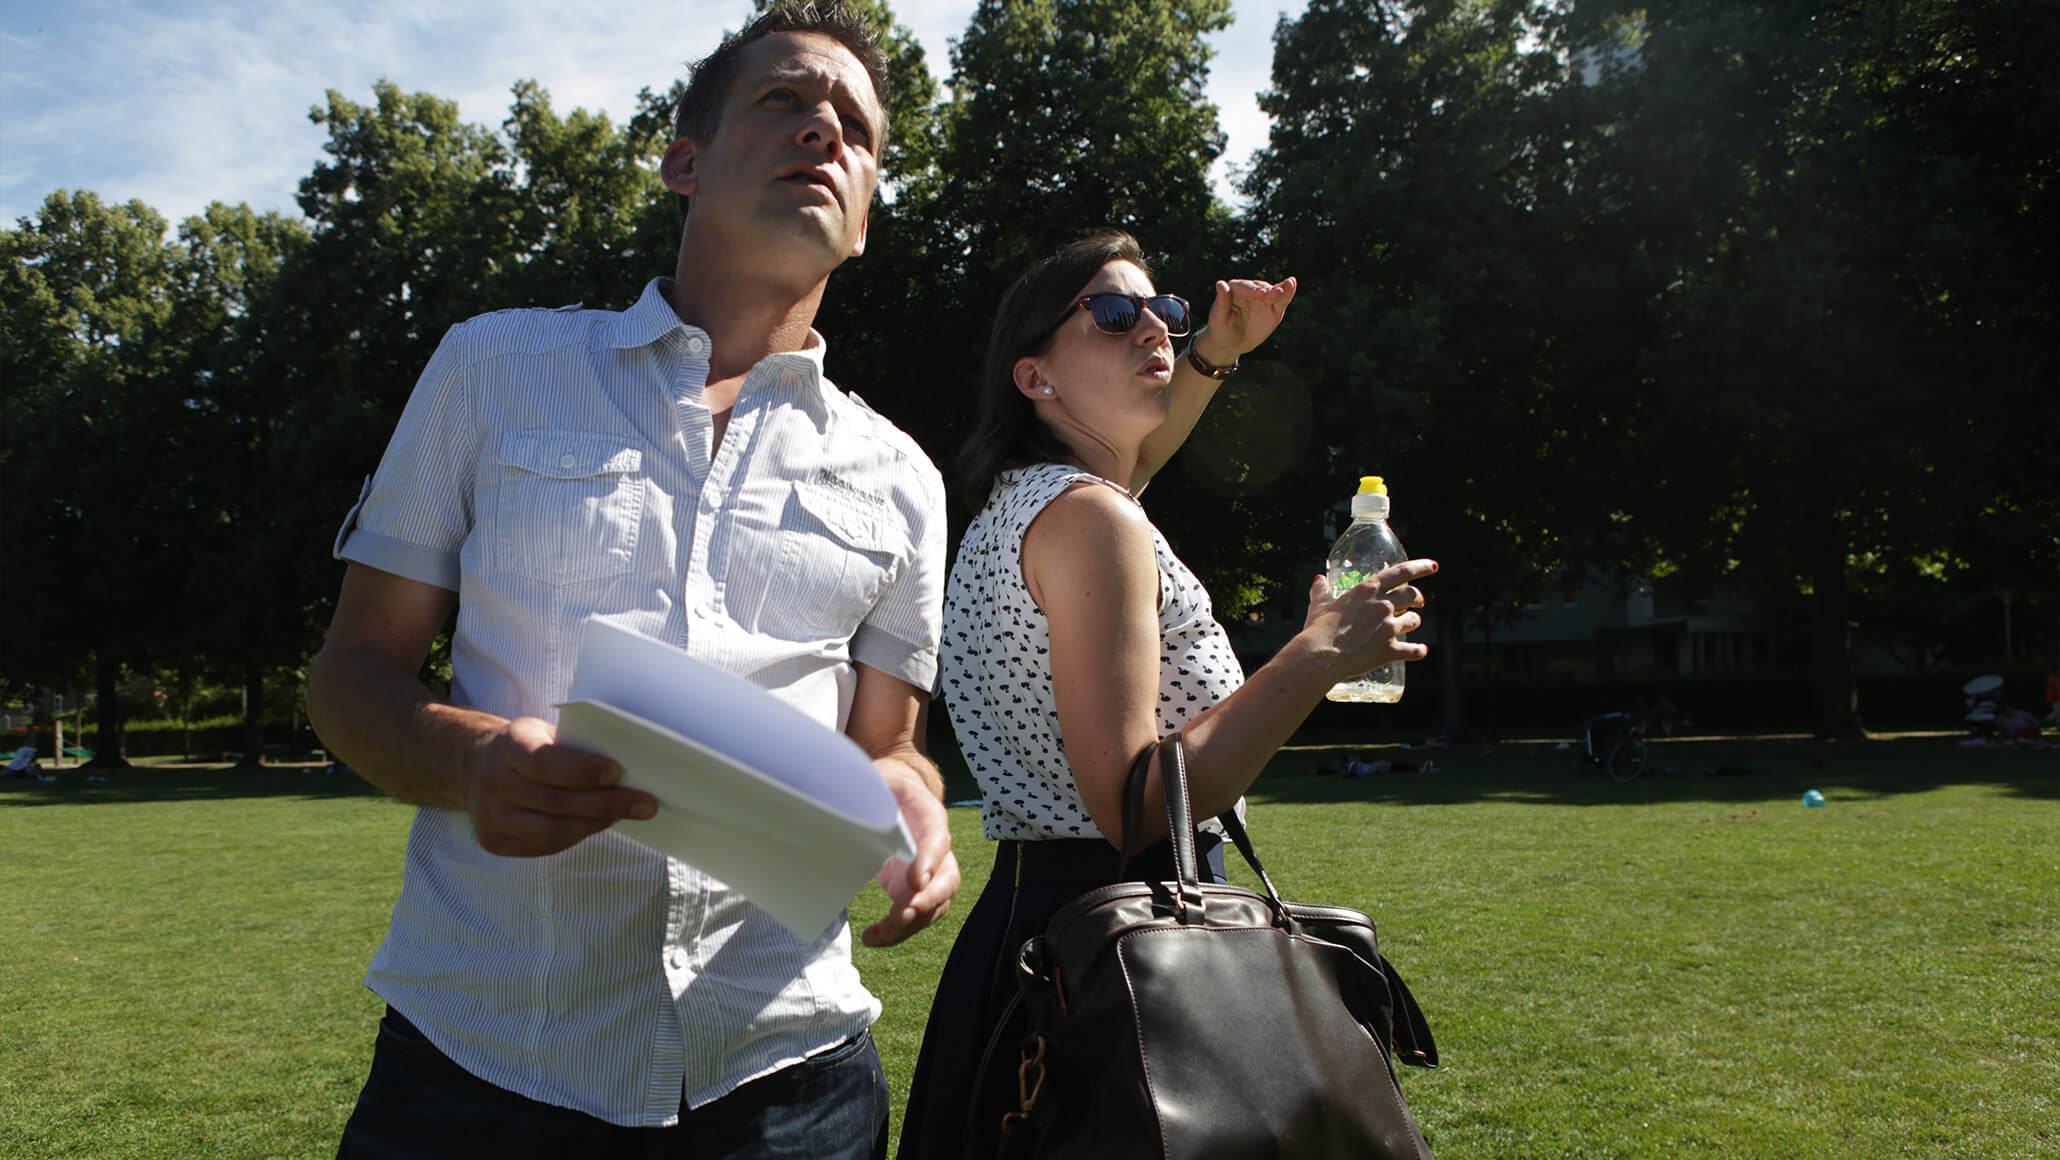 Teamevent: Marcel Hohl und Andrea Sigrist in einem Park in Zürich dem Fuchs auf der Spur.